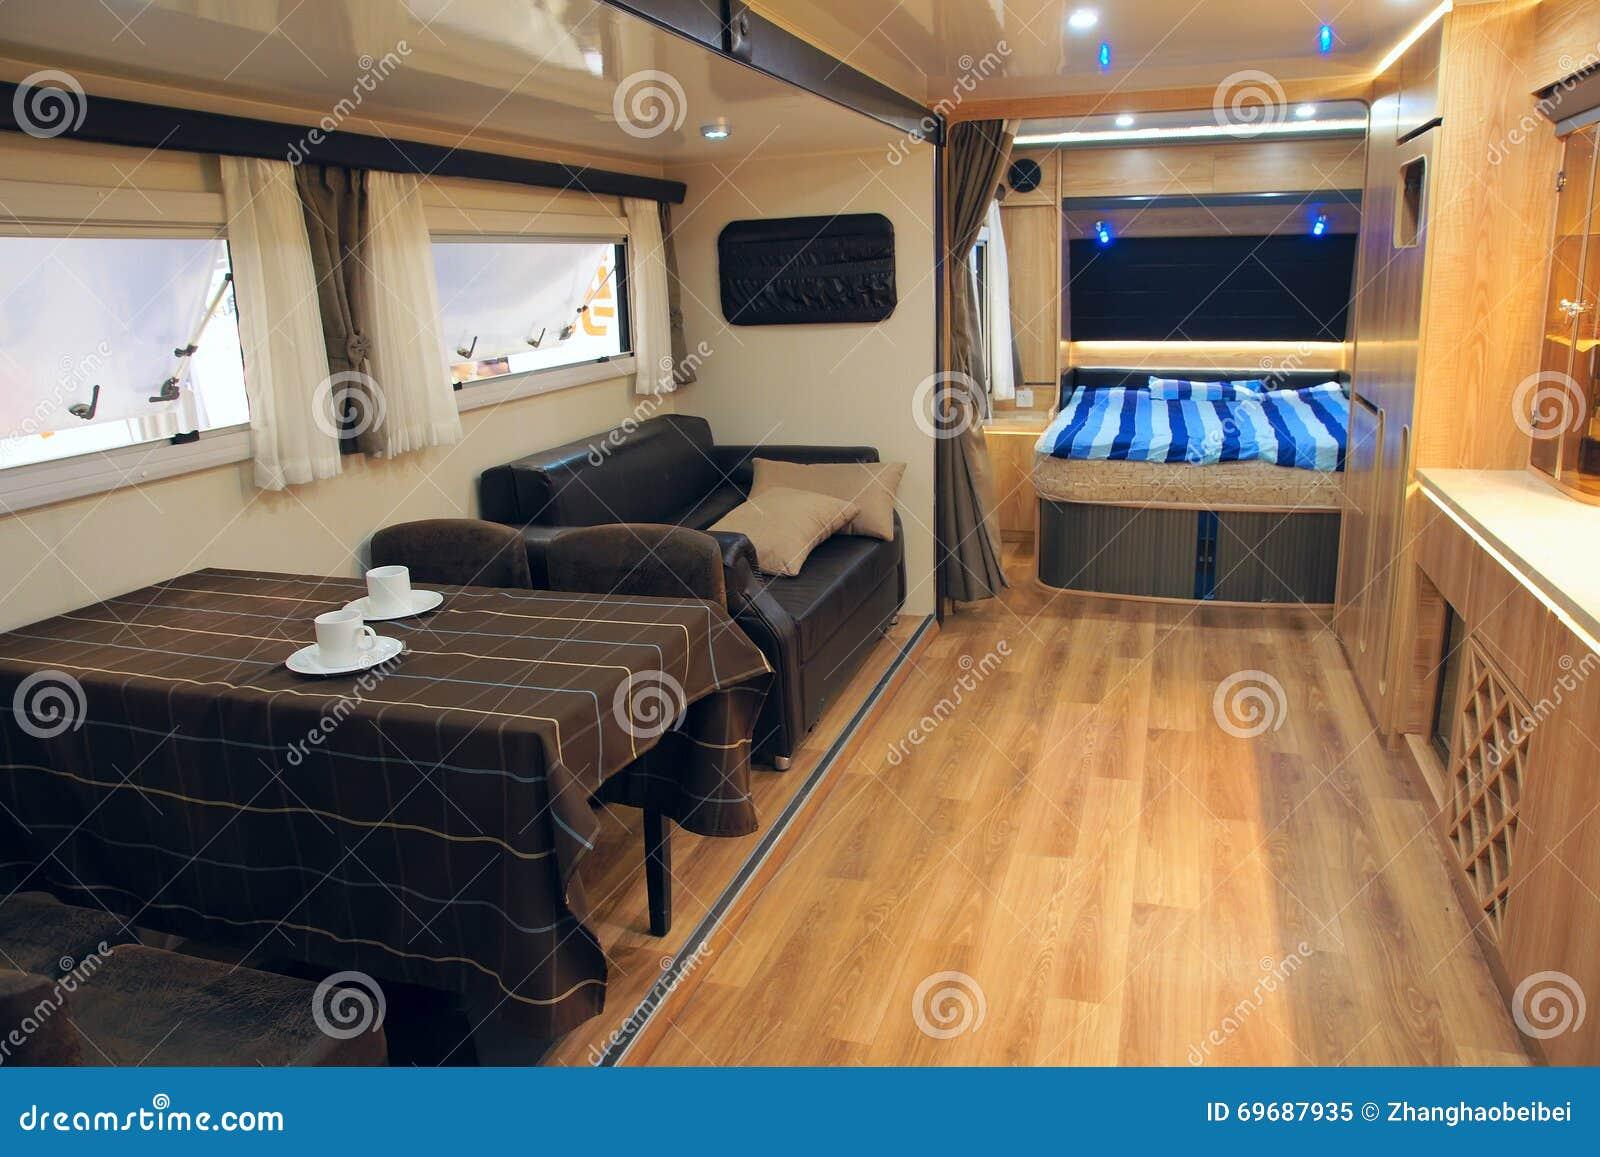 Assez Intérieur De Camping-car Photo stock - Image: 69687935 IW29